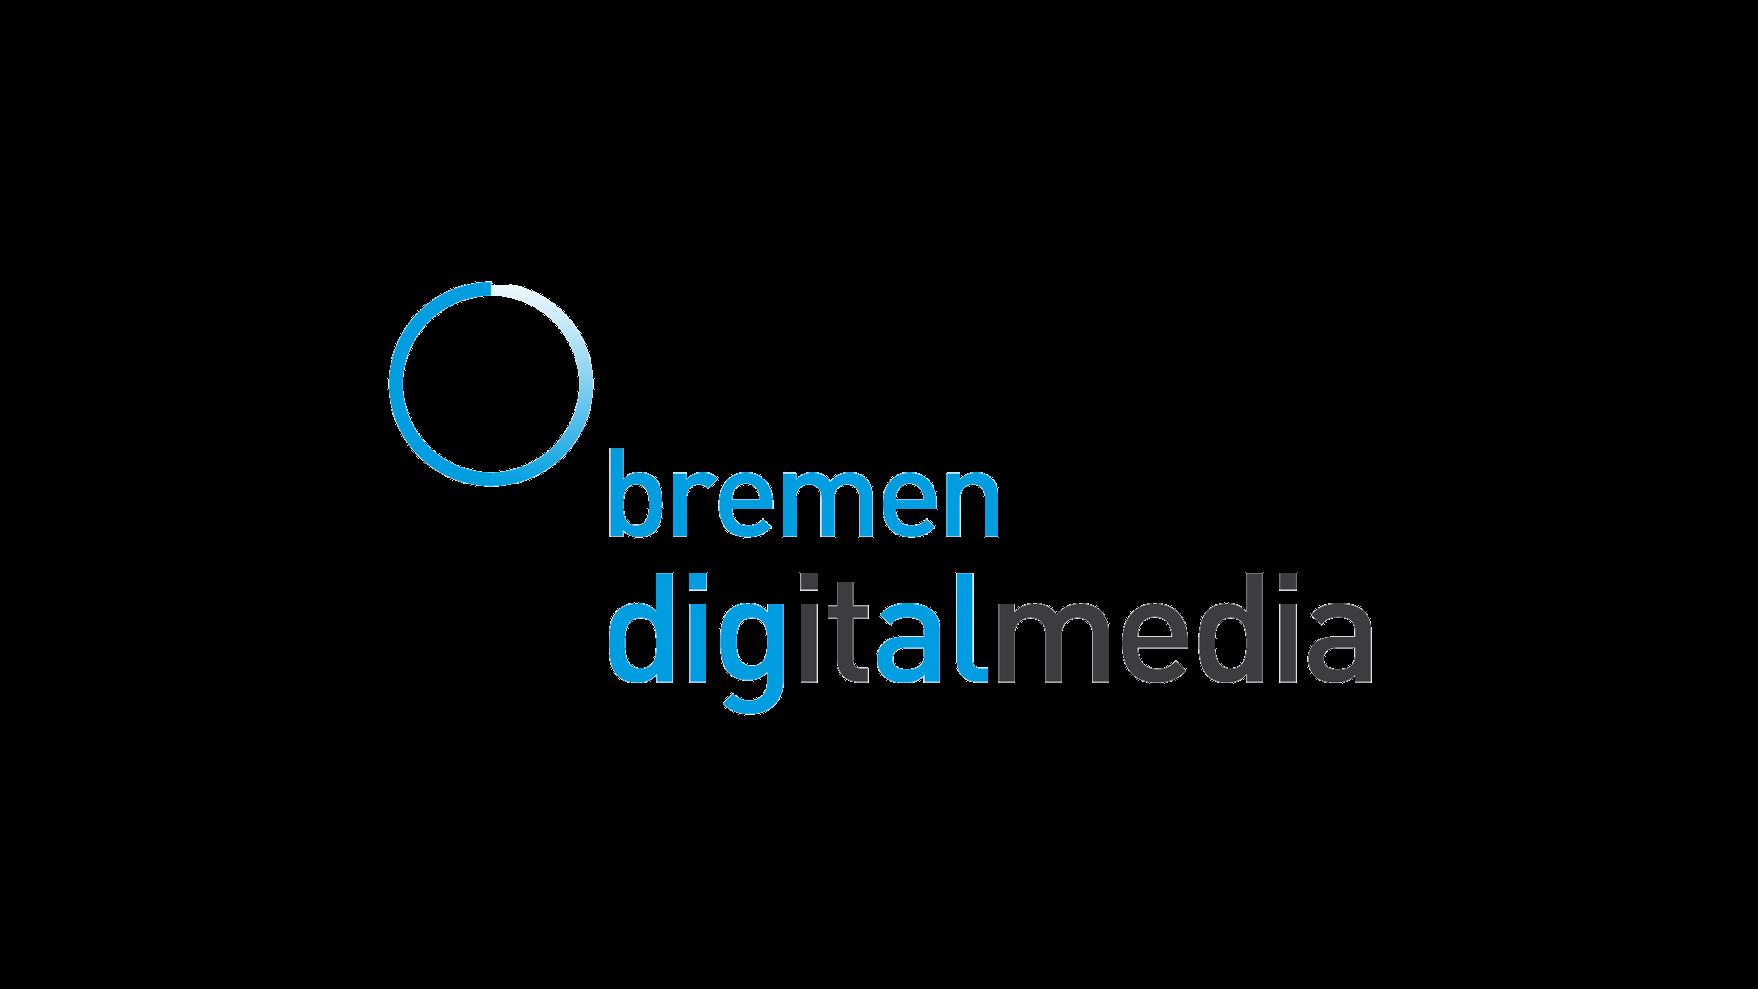 """Das Bild zeigt das Logo von """"bremen digitalmedia""""."""